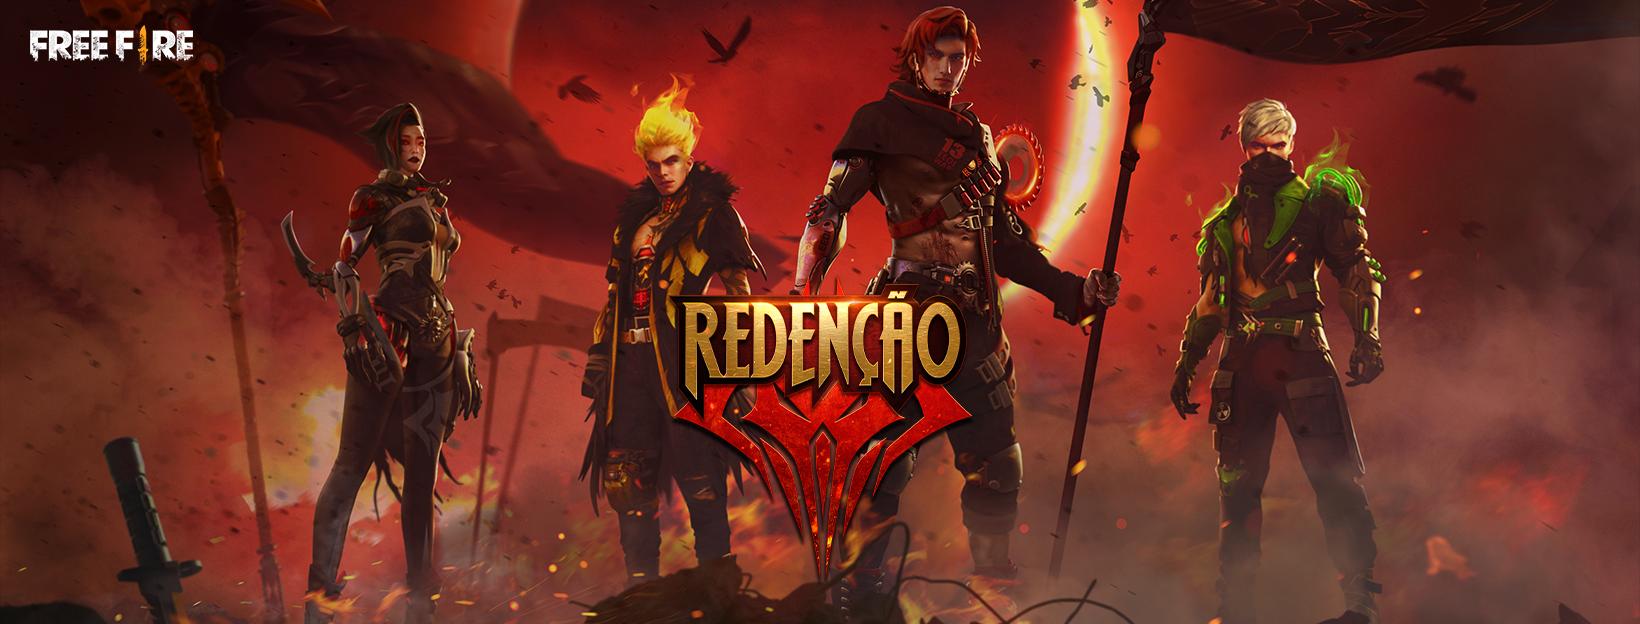 evento do Free Fire - Redenção II: A Revolta